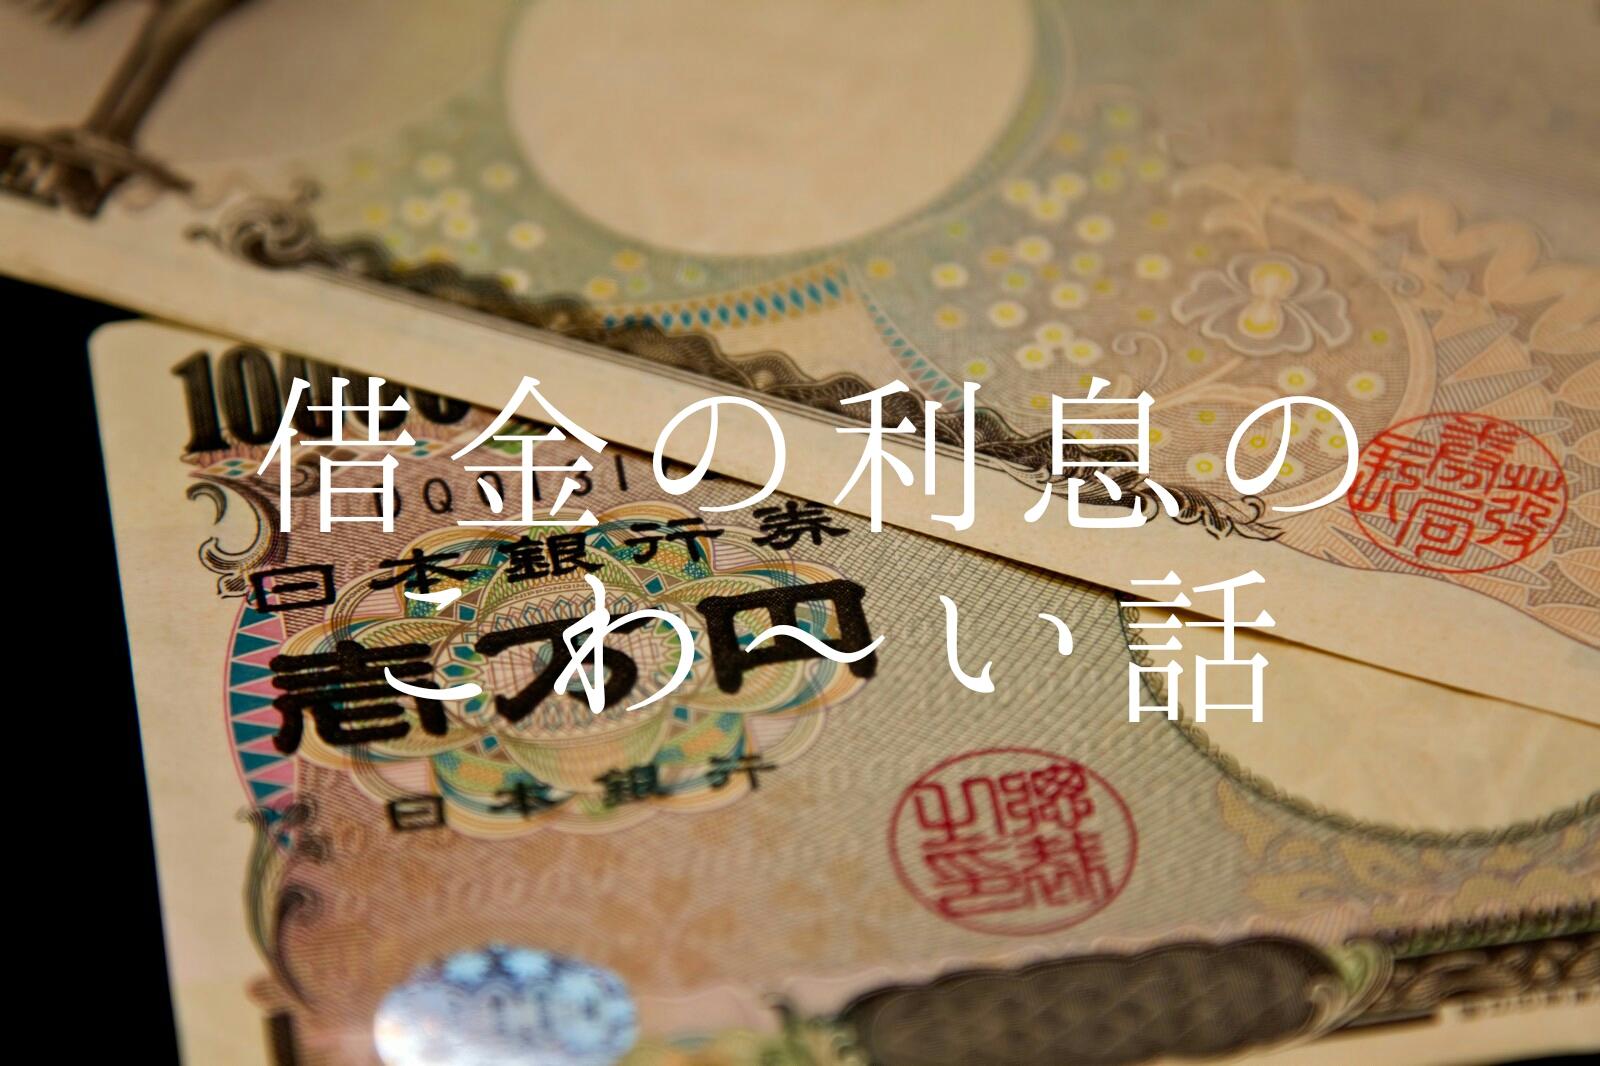 年利12%で100万円借金して毎月1万円ずつ返済したら全額返すのは何年後?